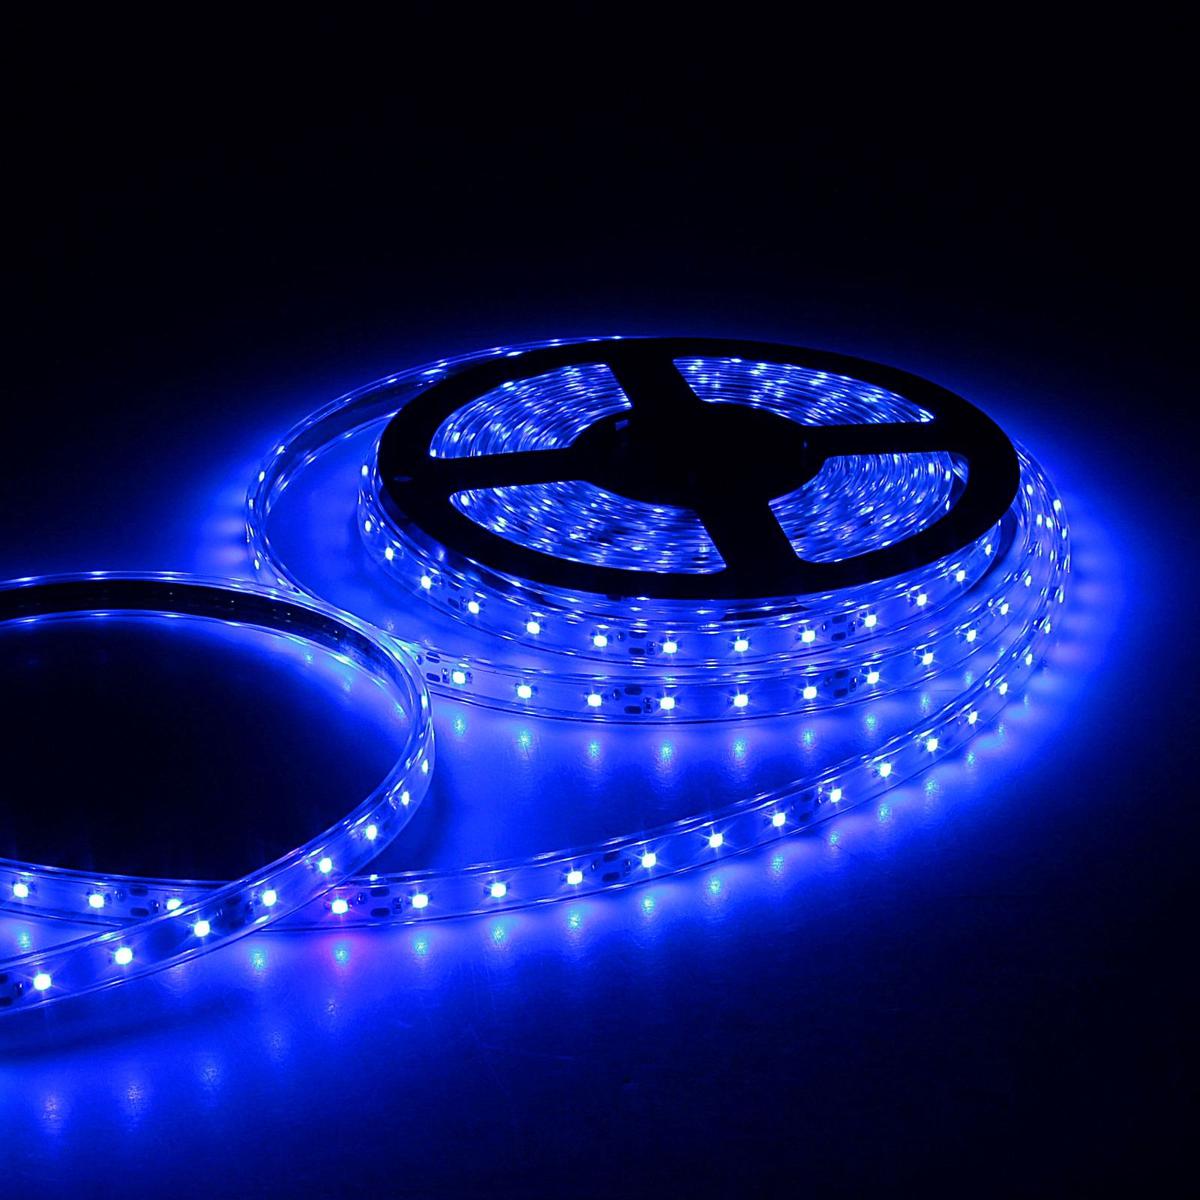 Светодиодная лента Sima-land, 12В, SMD3528, длина 5 м, IP68, 60 LED ламп, 4.8 Вт/м, 6-7 Лм/1 LED, DC, цвет: синий. 848566848566Светодиодные гирлянды, ленты и т.д — это отличный вариант для новогоднего оформления интерьера или фасада. С их помощью помещение любого размера можно превратить в праздничный зал, а внешние элементы зданий, украшенные ими, мгновенно станут напоминать очертания сказочного дворца. Такие украшения создают ауру предвкушения чуда. Деревья, фасады, витрины, окна и арки будто специально созданы, чтобы вы украсили их светящимися нитями.